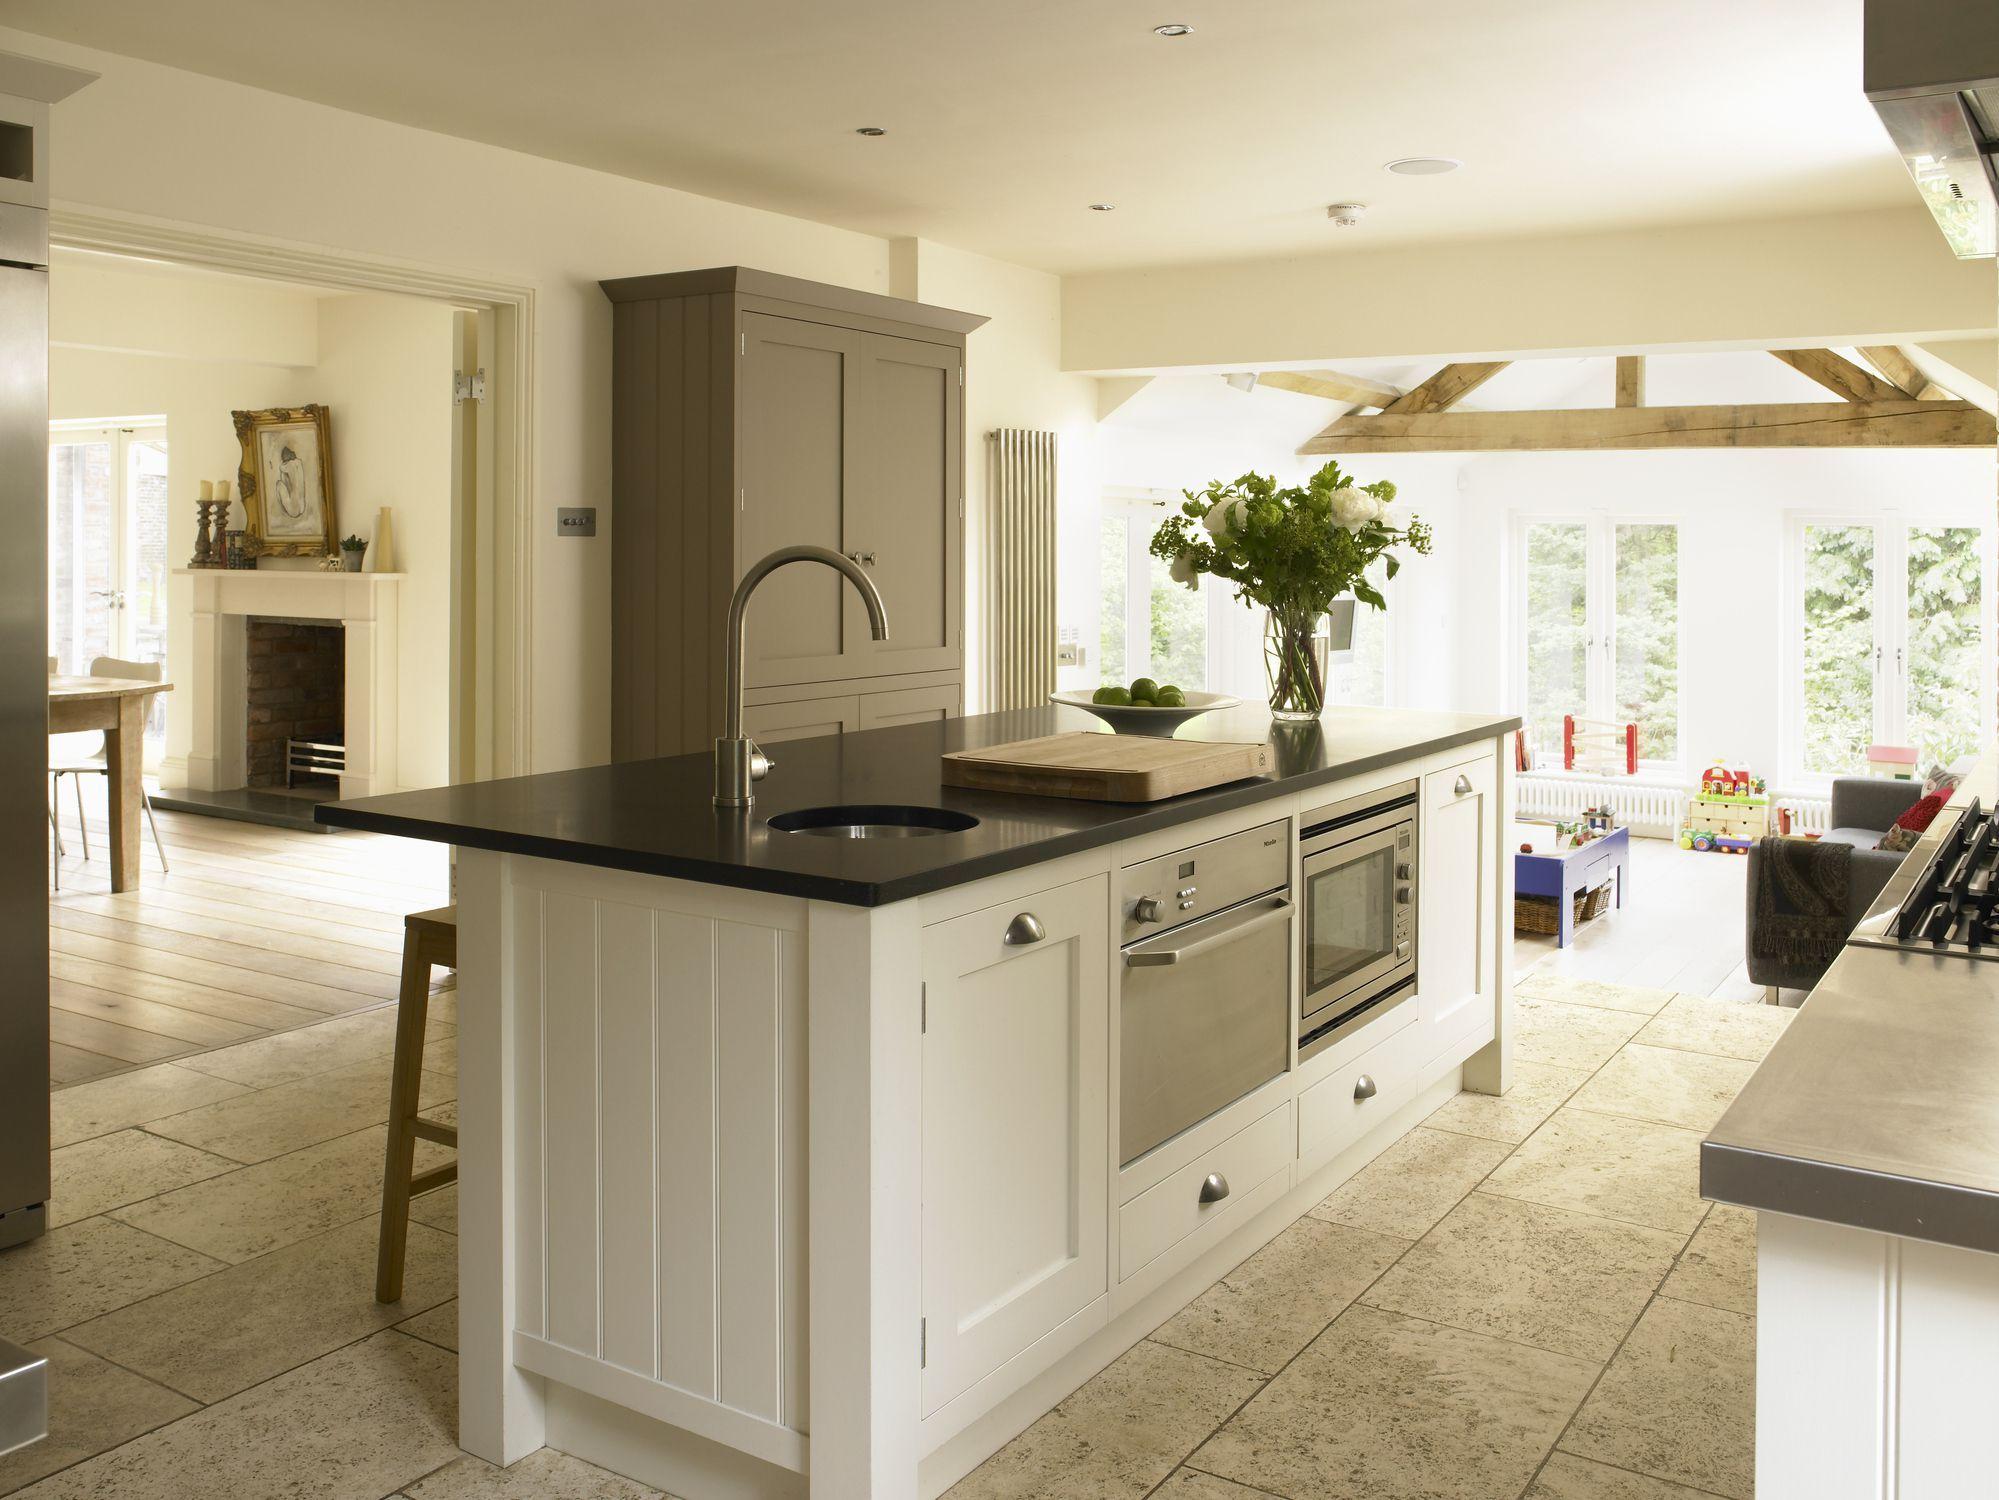 low maintenance kitchen flooring ideas kitchen flooring kitchen design kitchen flooring options on kitchen flooring ideas id=55030